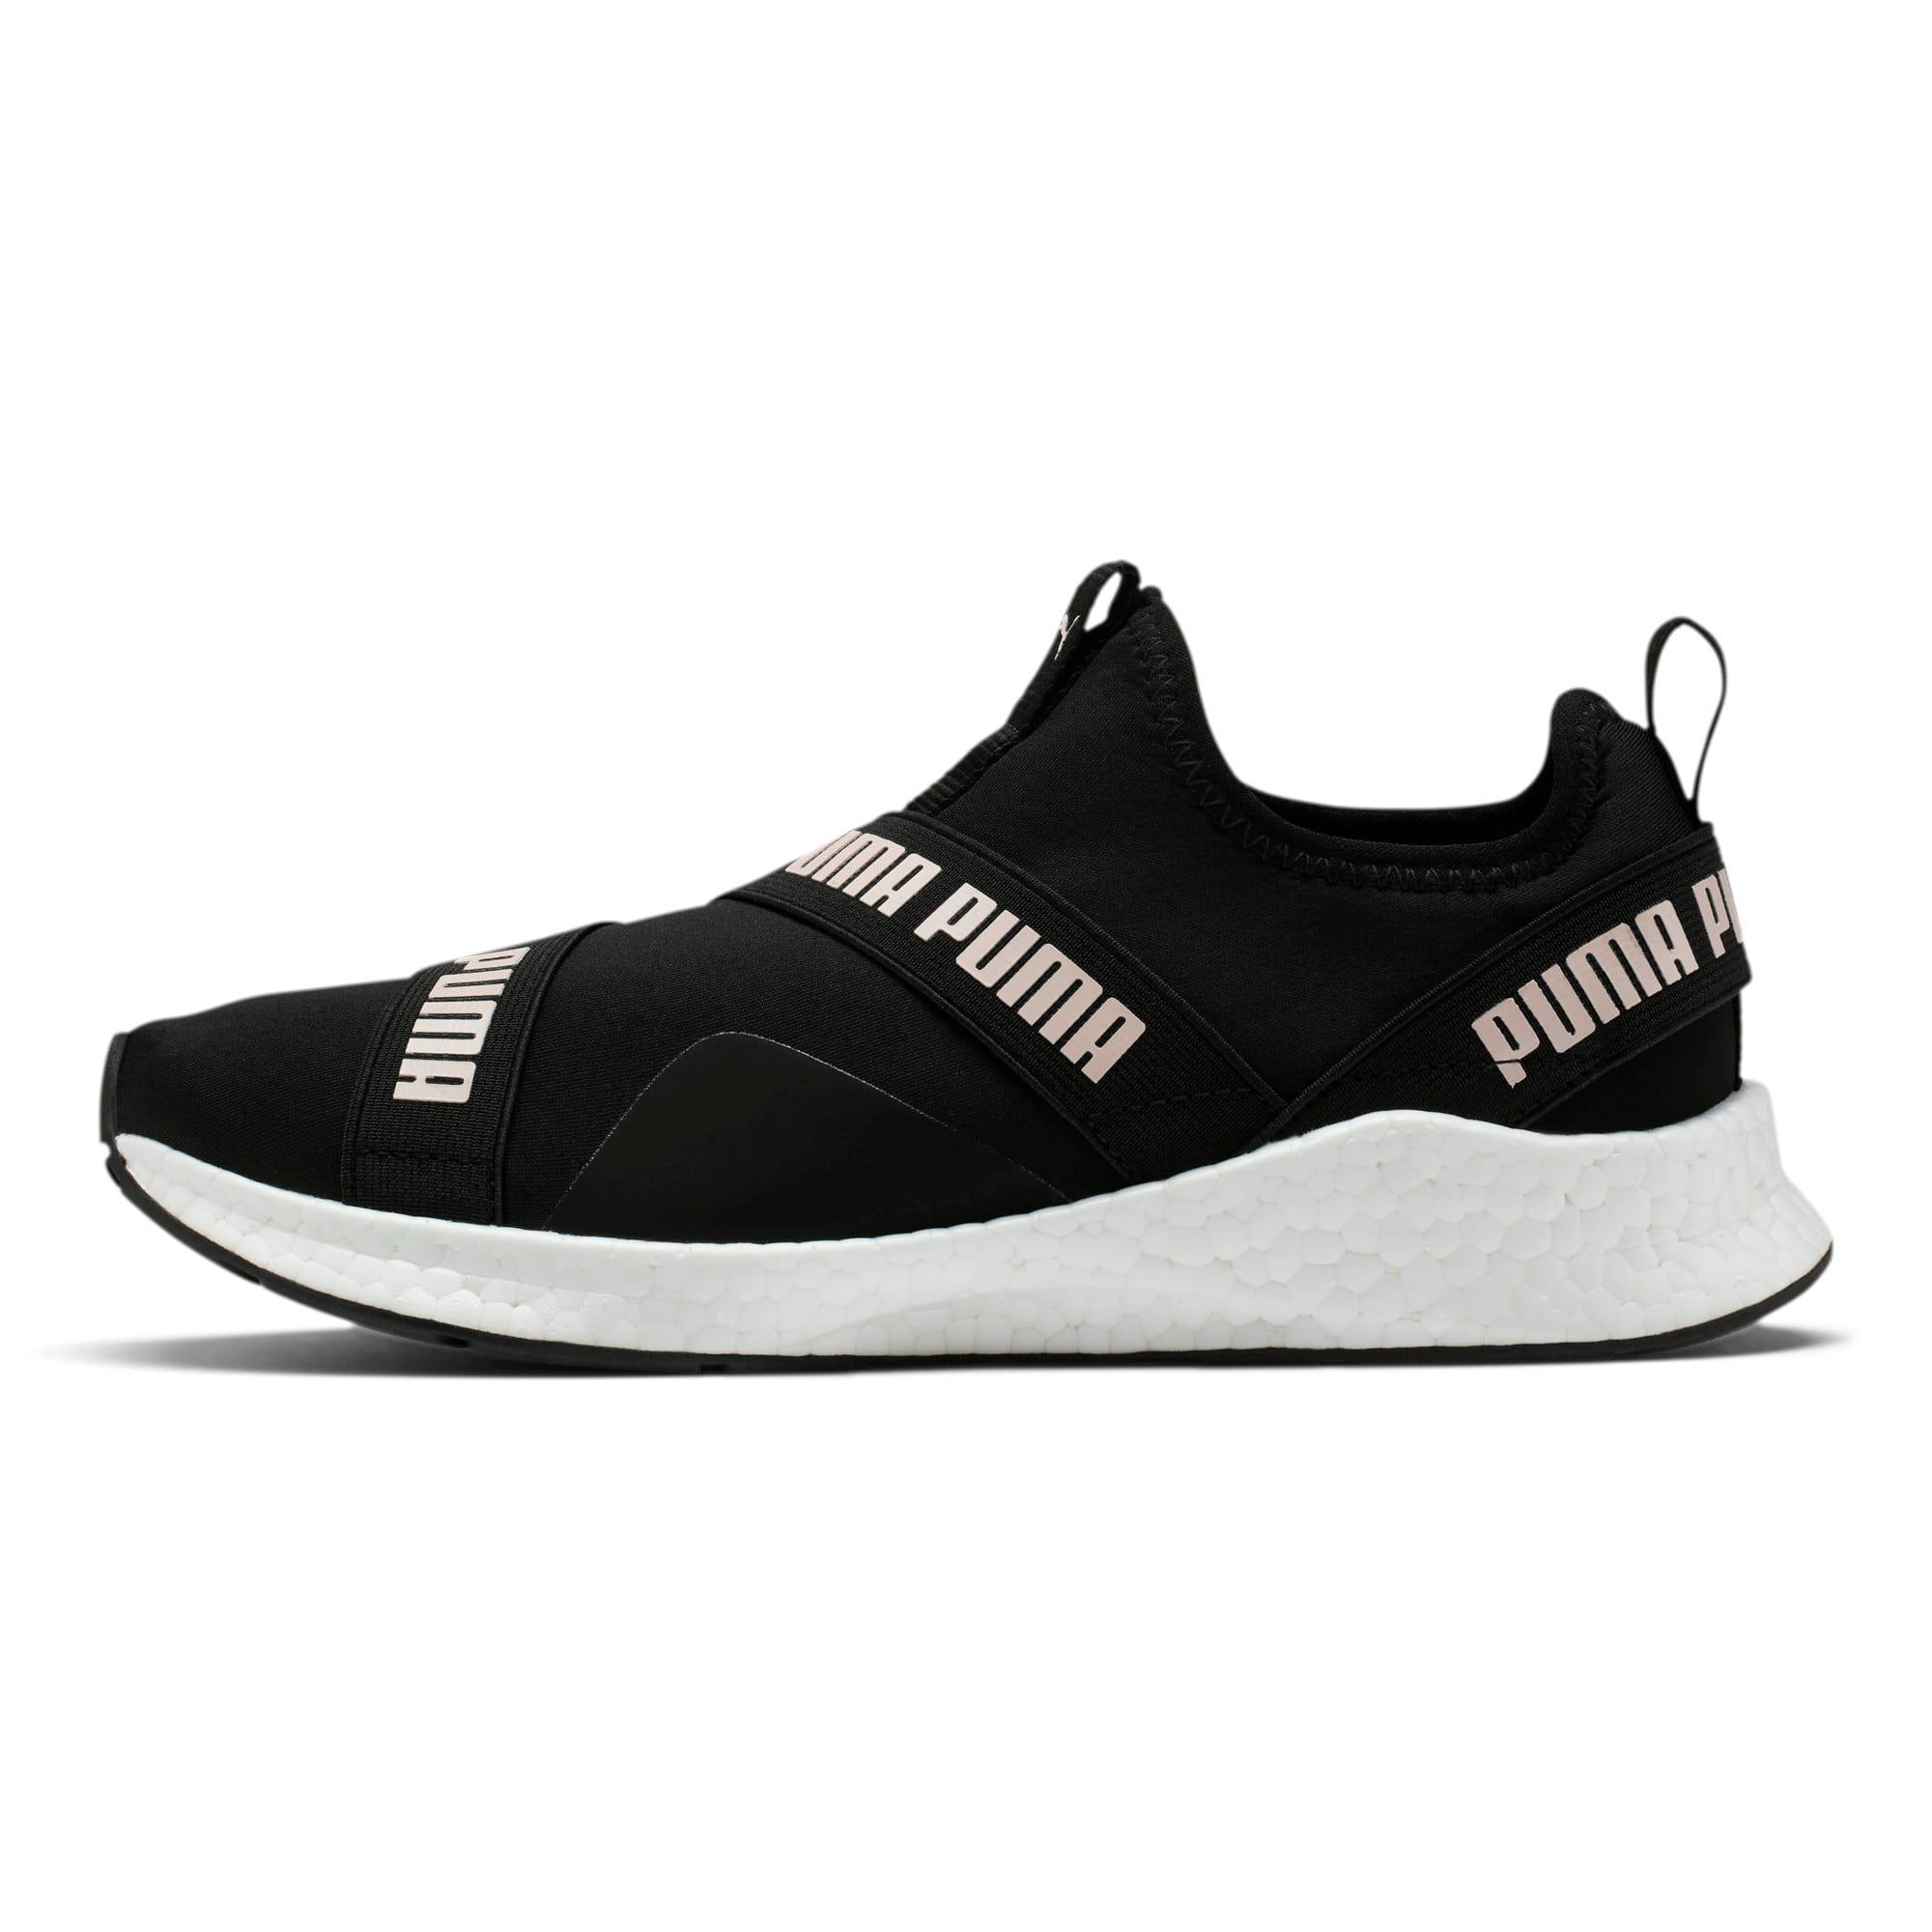 Thumbnail 1 of NRGY Star Slip-On Women's Running Shoes, Black-Pearl-White, medium